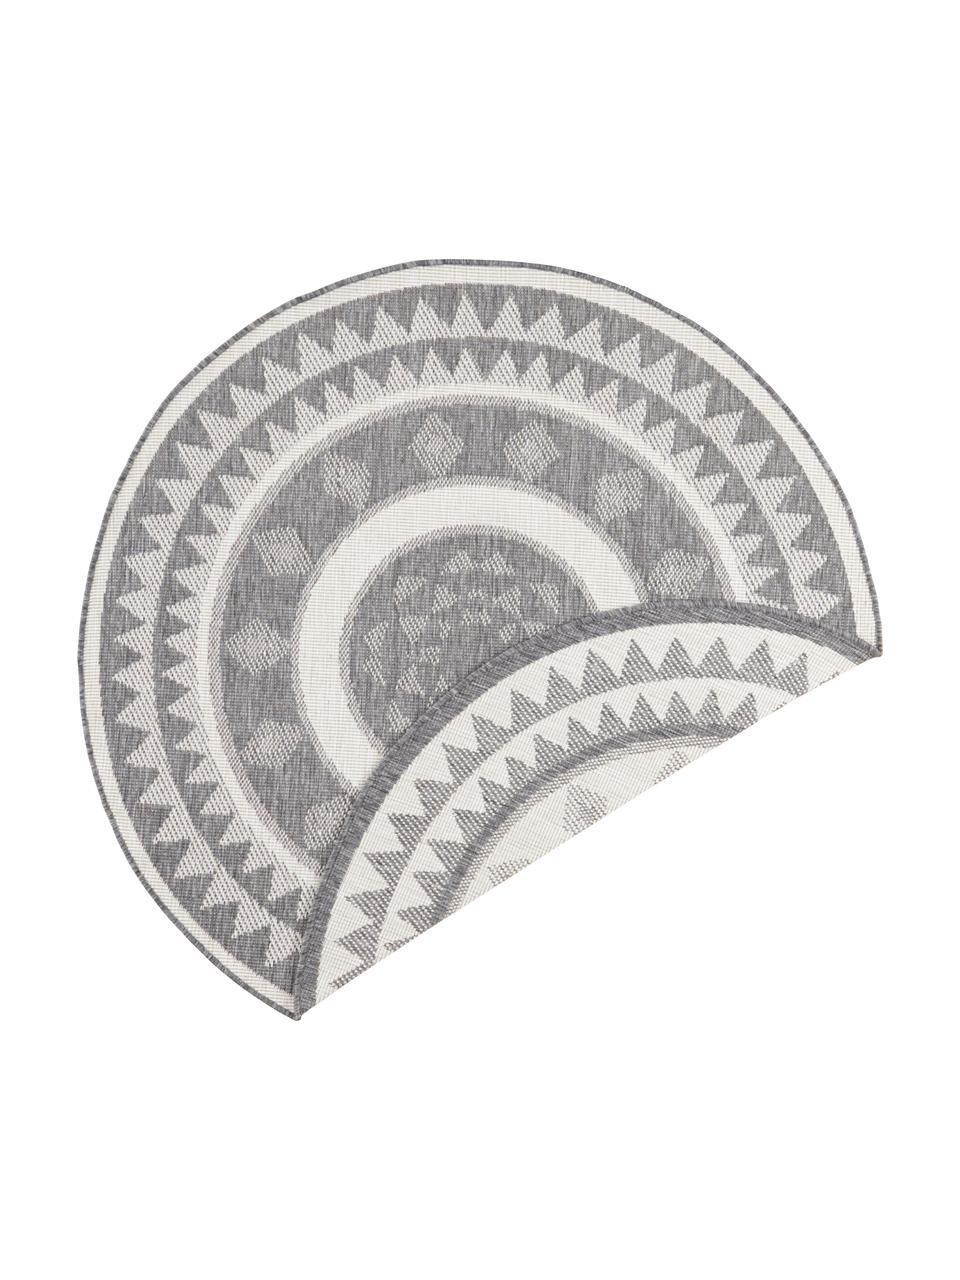 Rond dubbelzijdig in- en outdoor vloerkleed Jamaica in grijs/crème kleur, Grijs, crèmekleurig, Ø 200 cm (maat L)